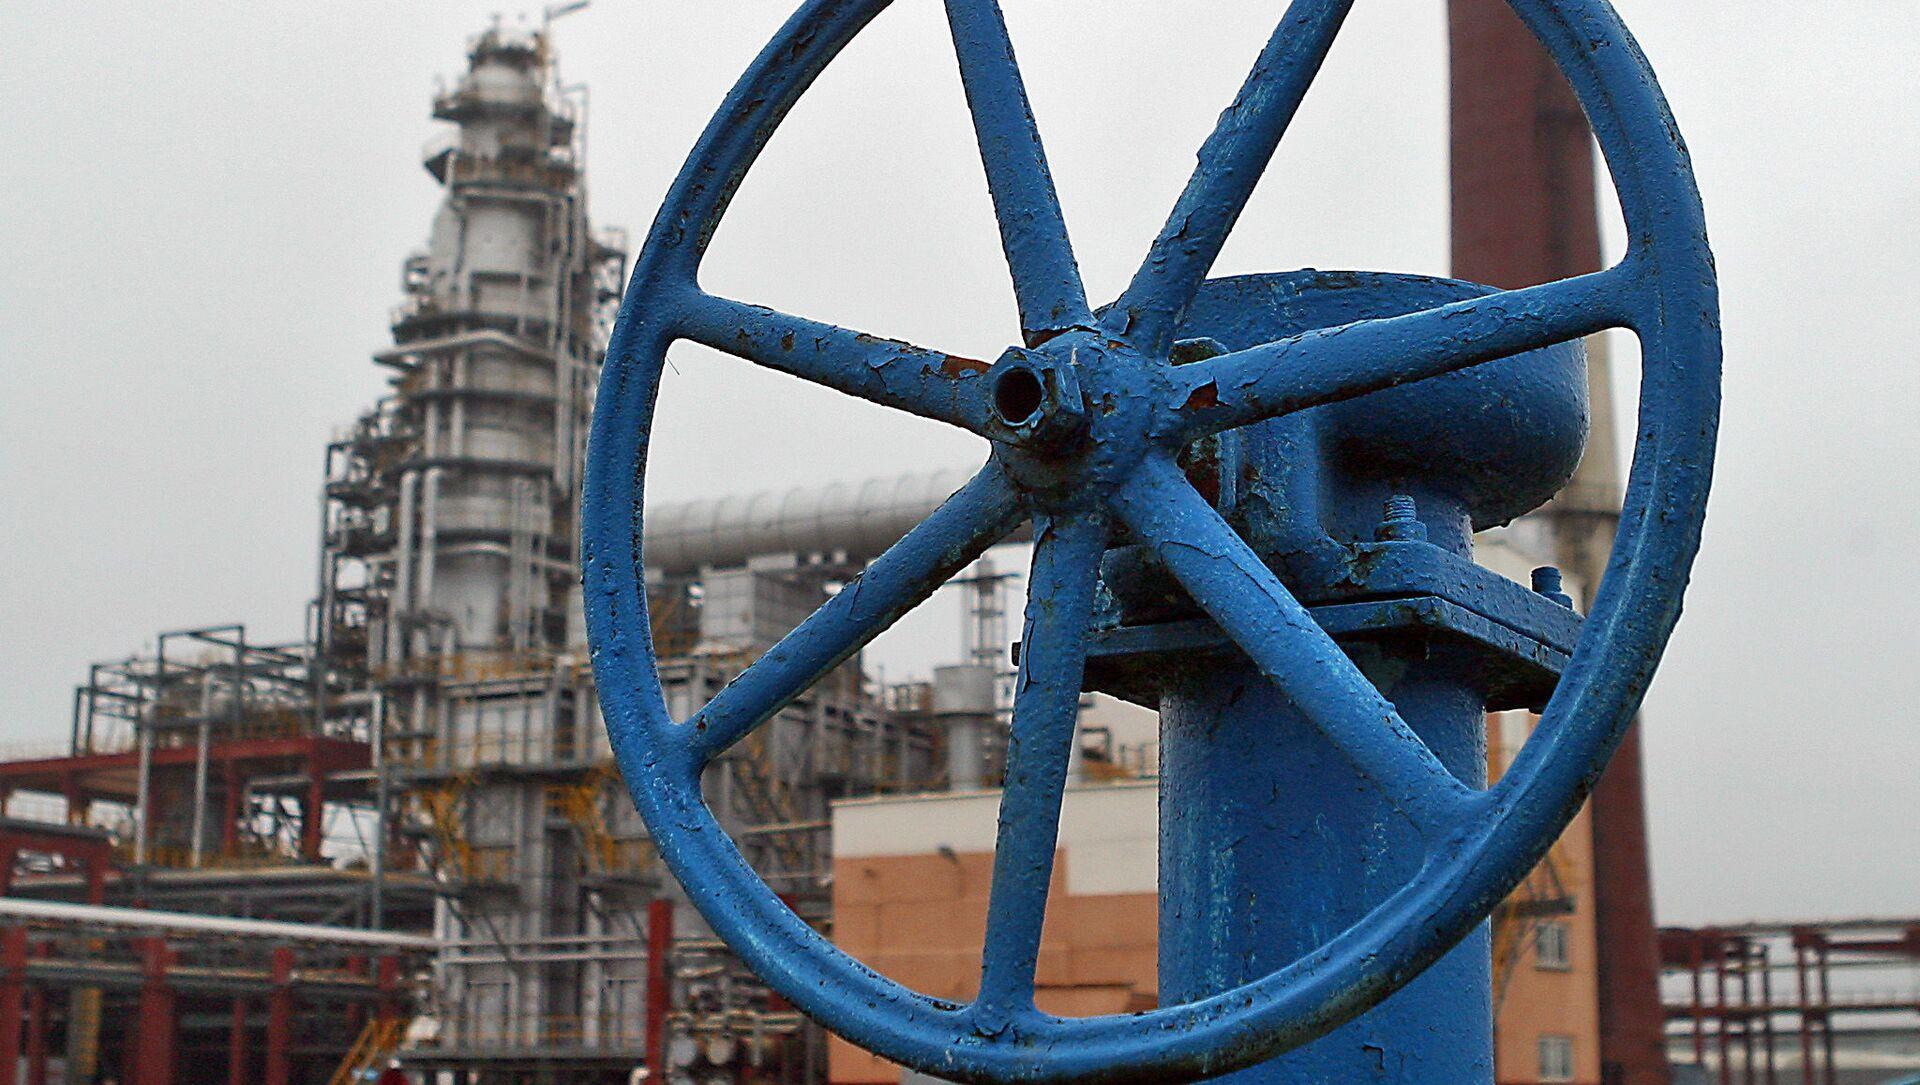 Rafineria Naftan w Nowopołocku, Białoruś. - Sputnik Polska, 1920, 03.05.2021